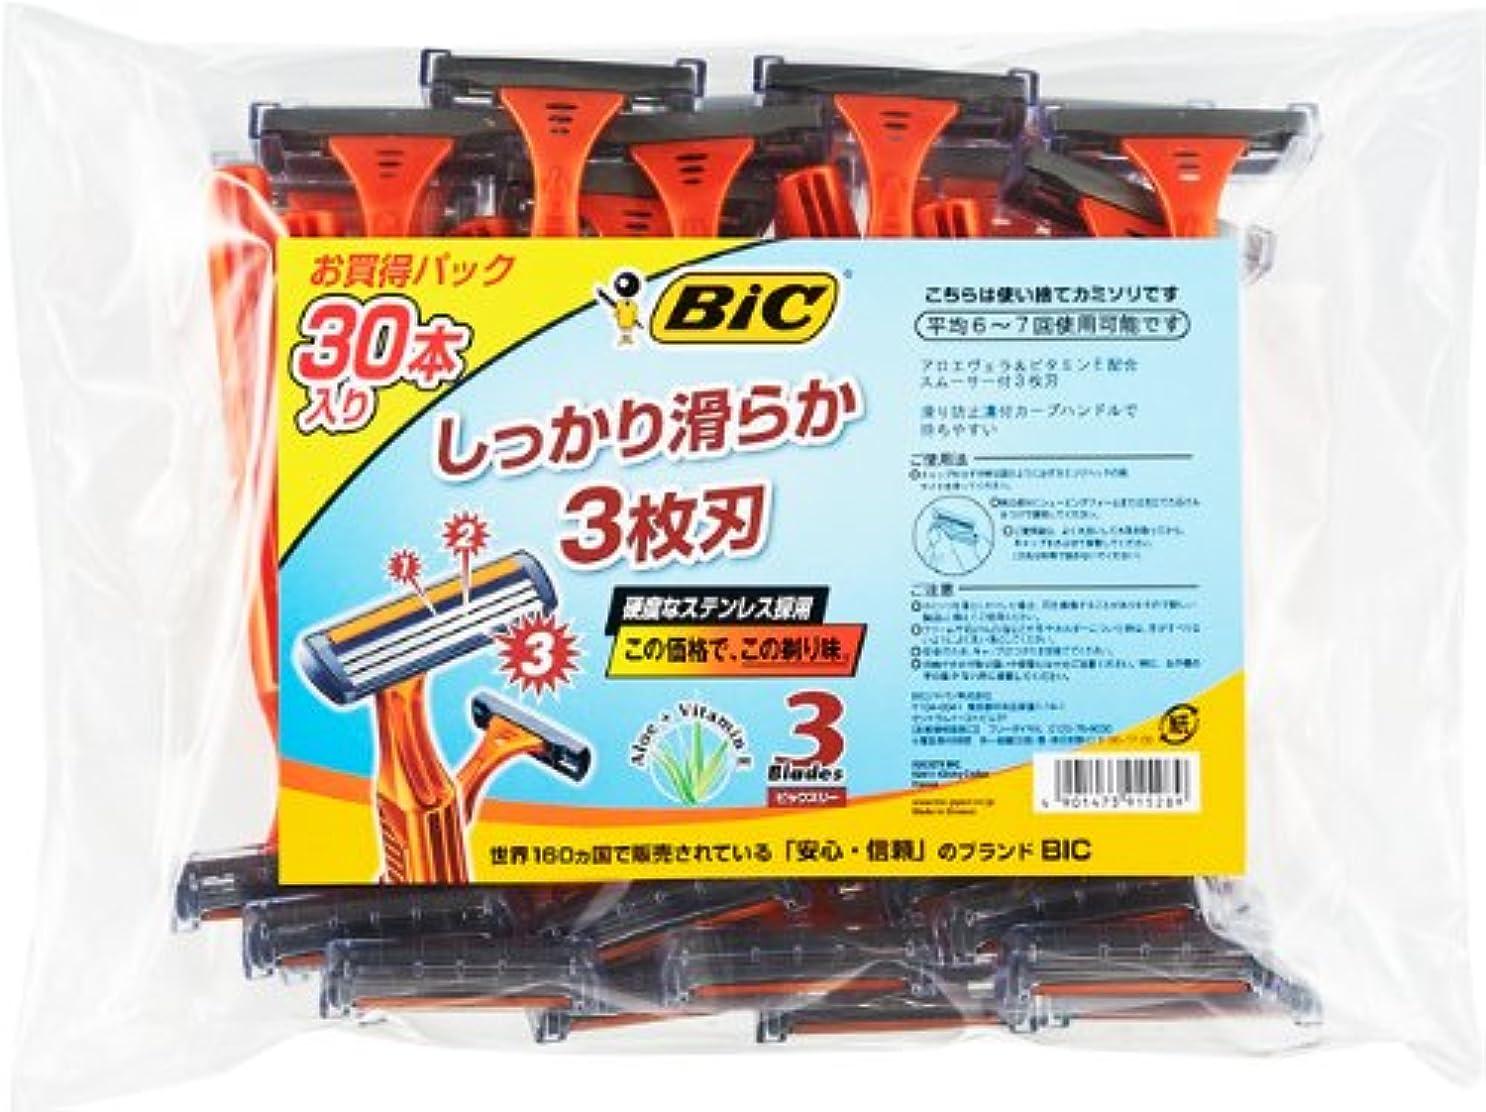 ビック BIC BIC3 3枚刃 使い捨てカミソリ シェーバー ひげそり ディスポ 30本入